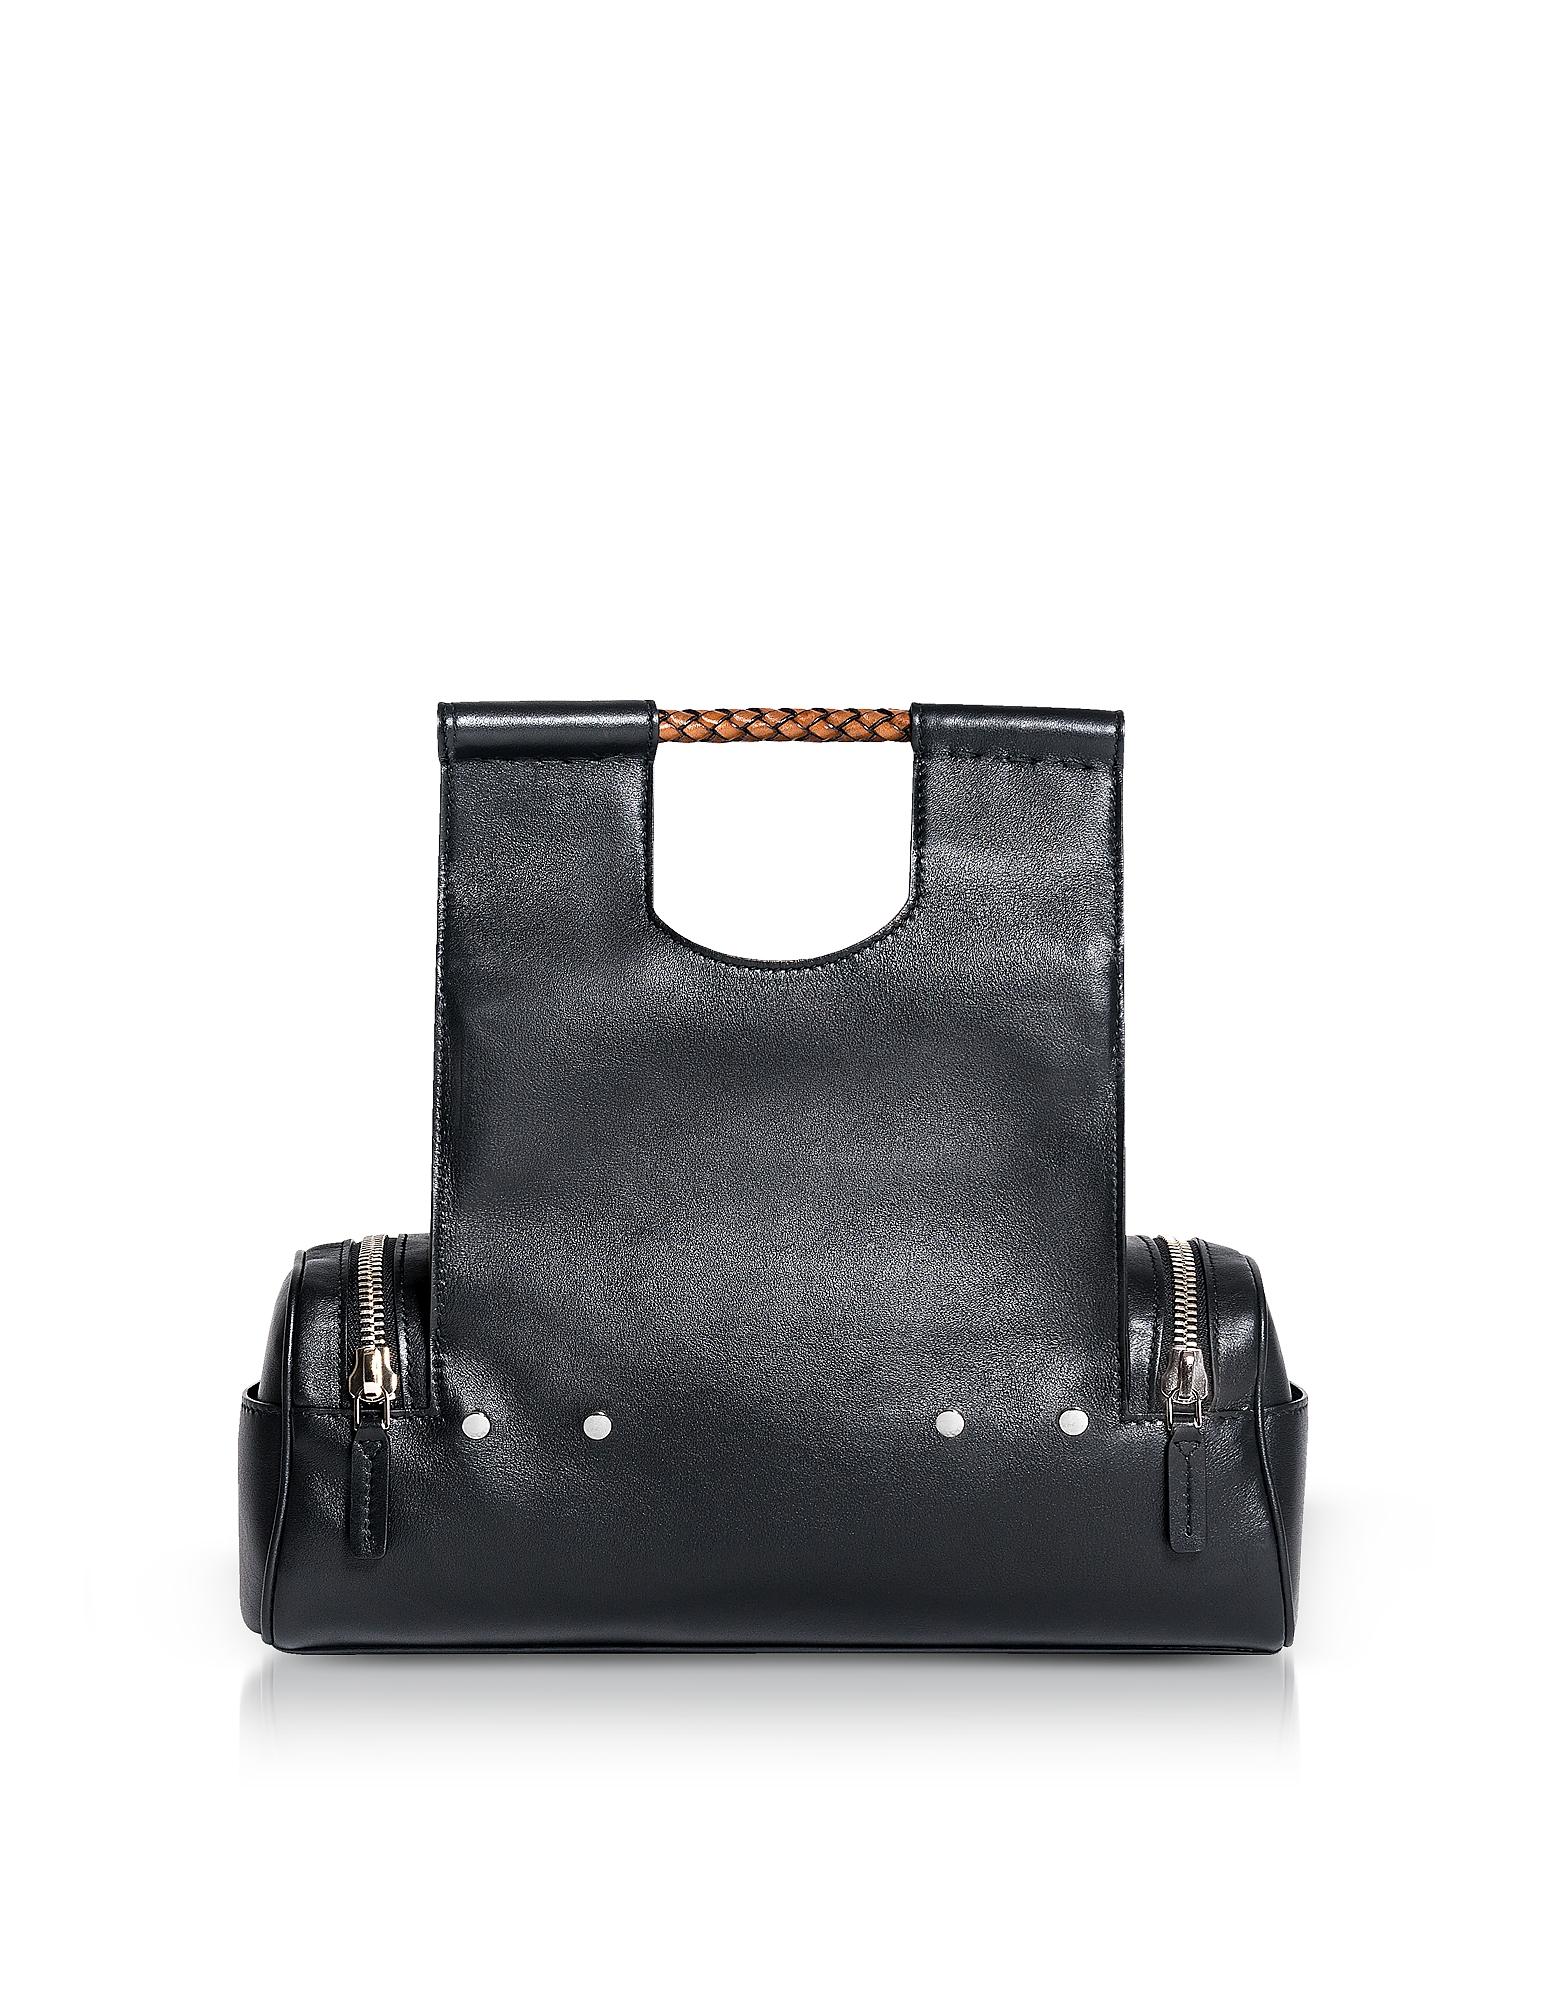 Genuine Leather Priscilla Medium Tote Bag